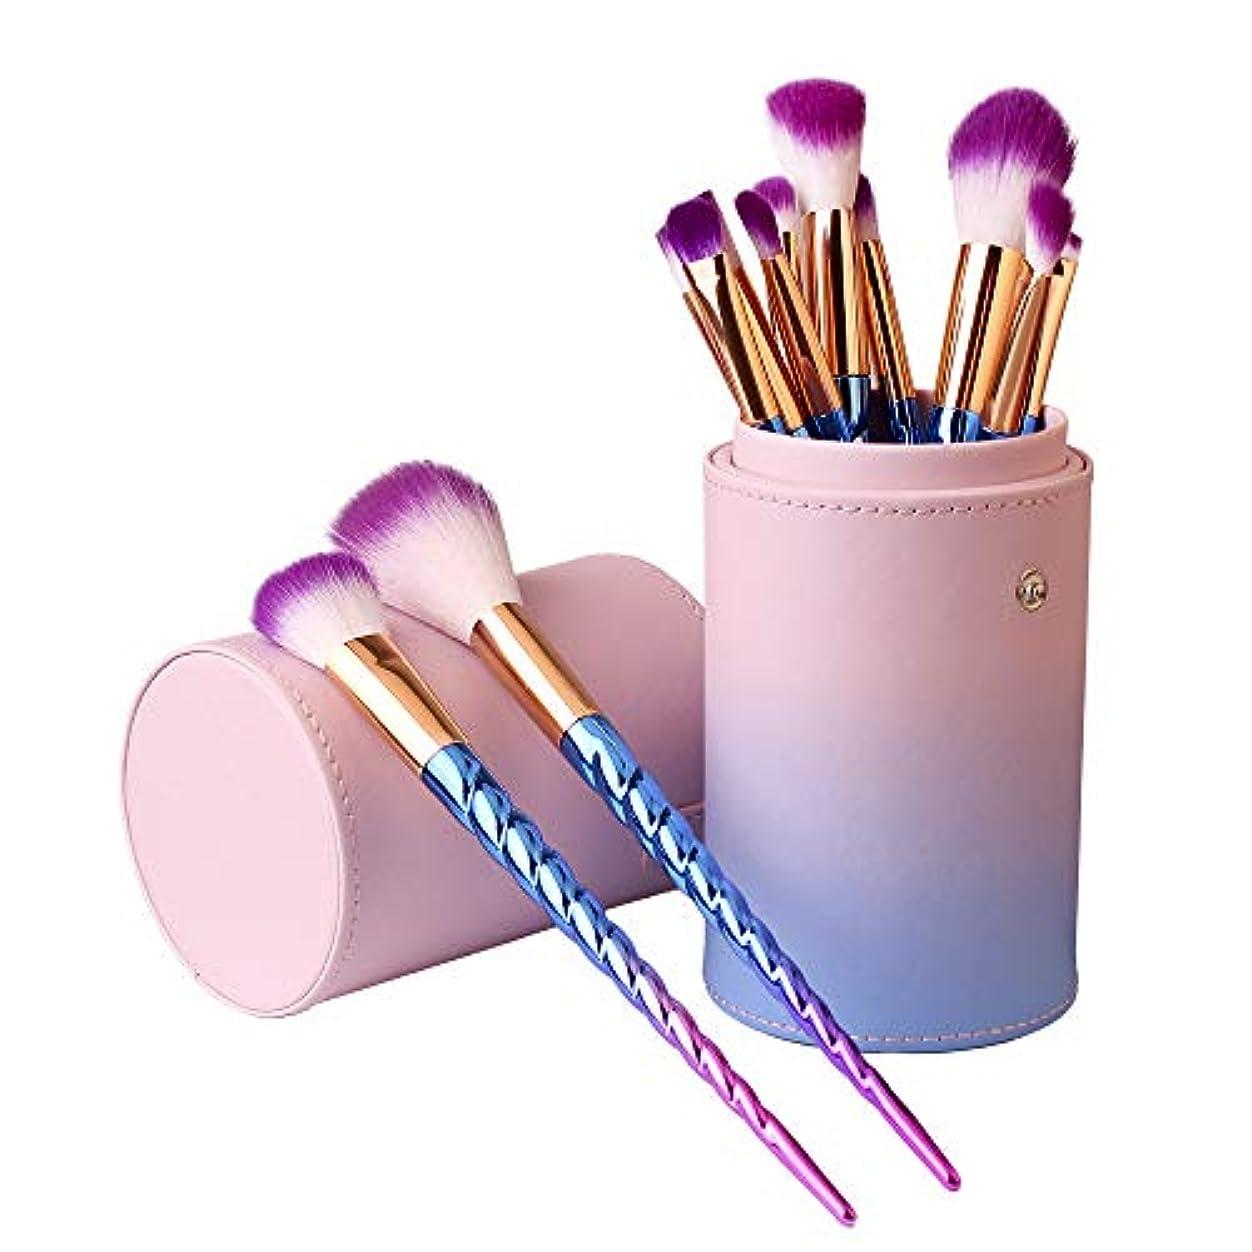 時間純粋な印象派Leeron メイクブラシセット 高品質化粧ポーチ付き 12本 (多彩)